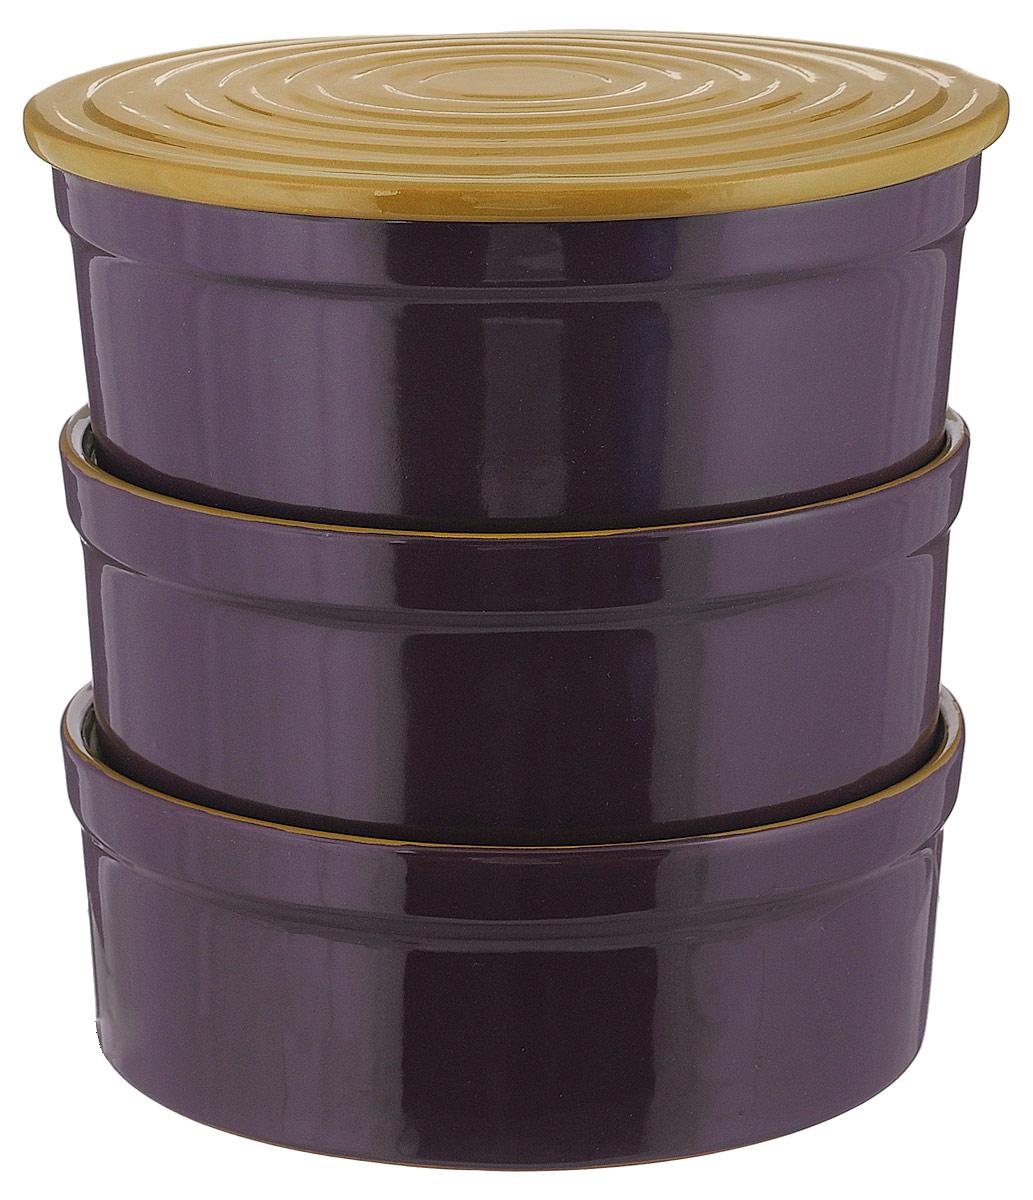 Набор столовой посуды Борисовская керамика Белогорье цвет баклажановый горчичный 4 предмета 3 л